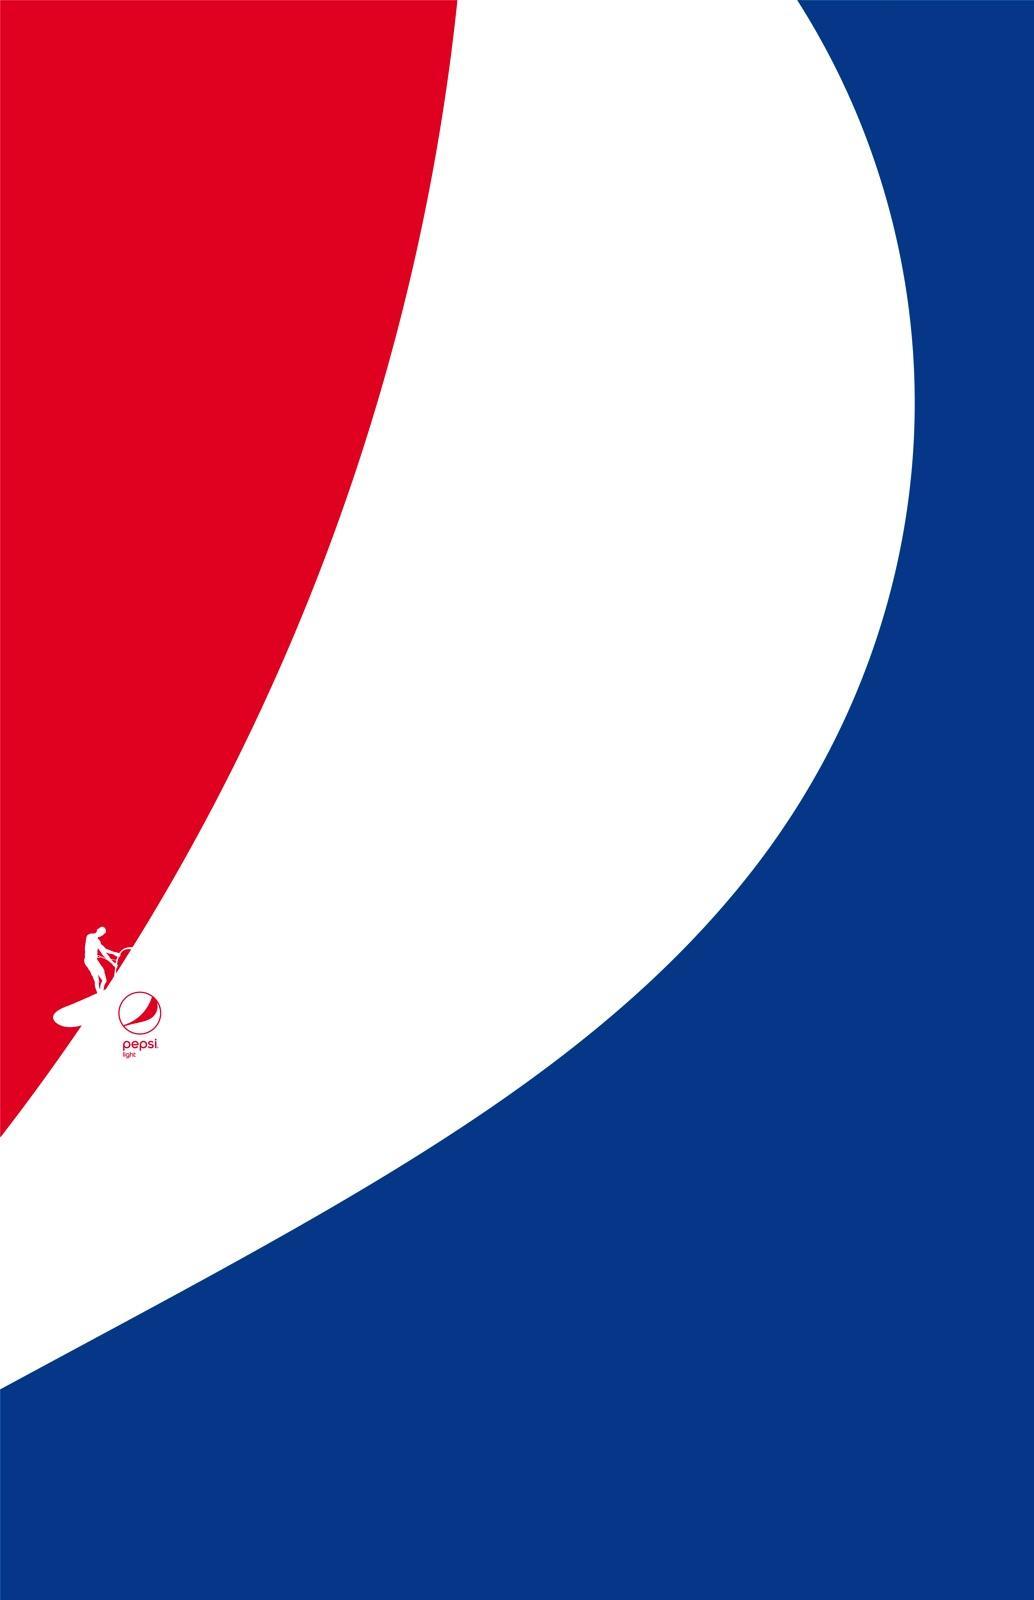 Pepsi más activo